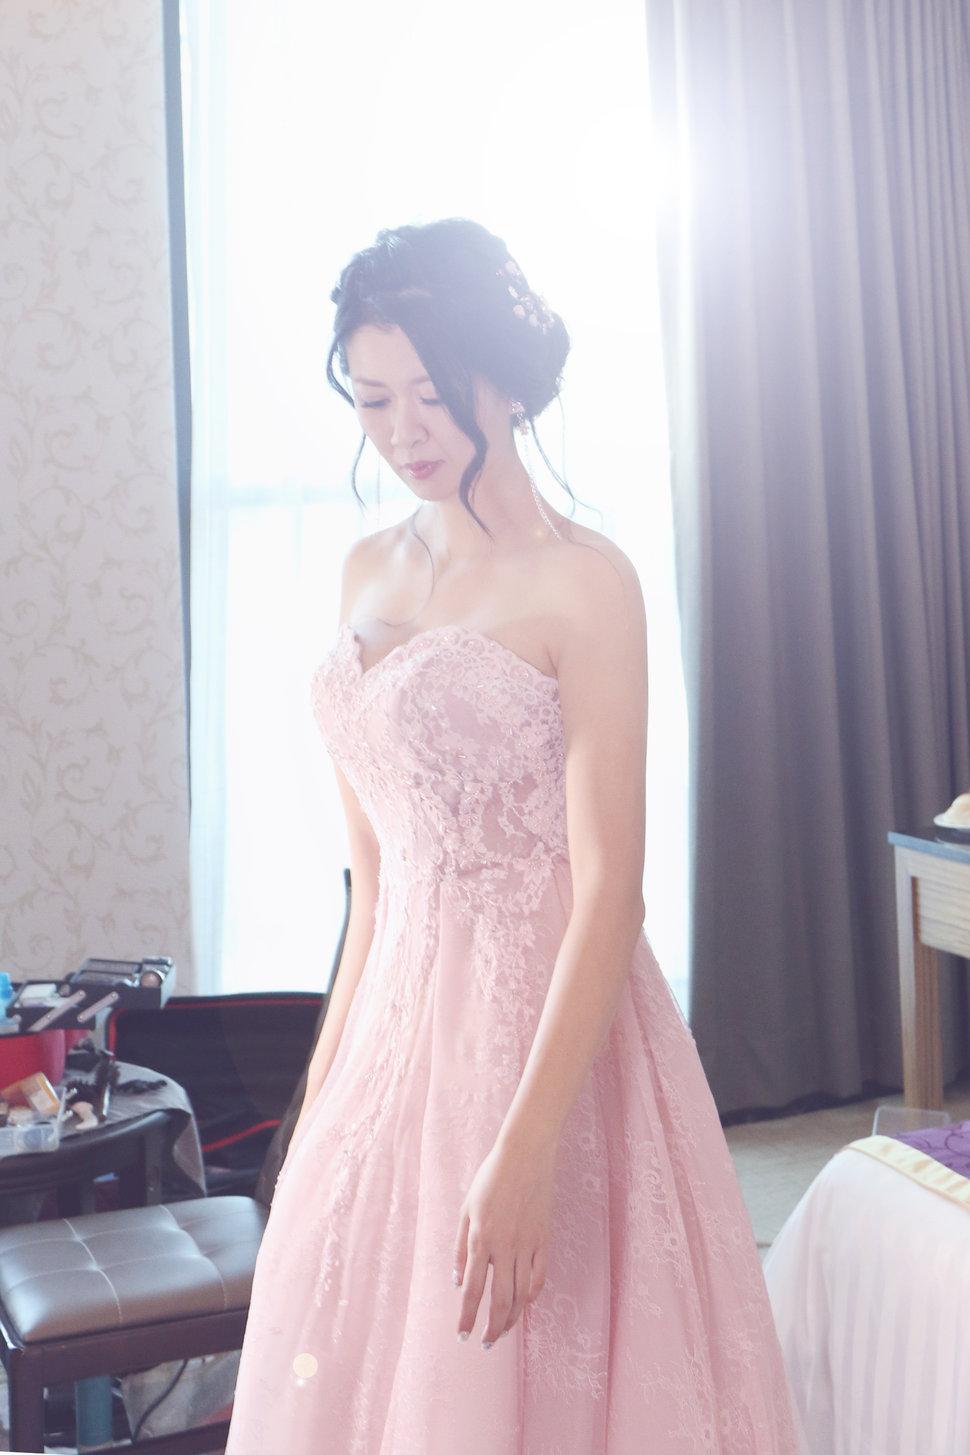 A01 (21) - 蓓麗宛婚禮時尚《結婚吧》